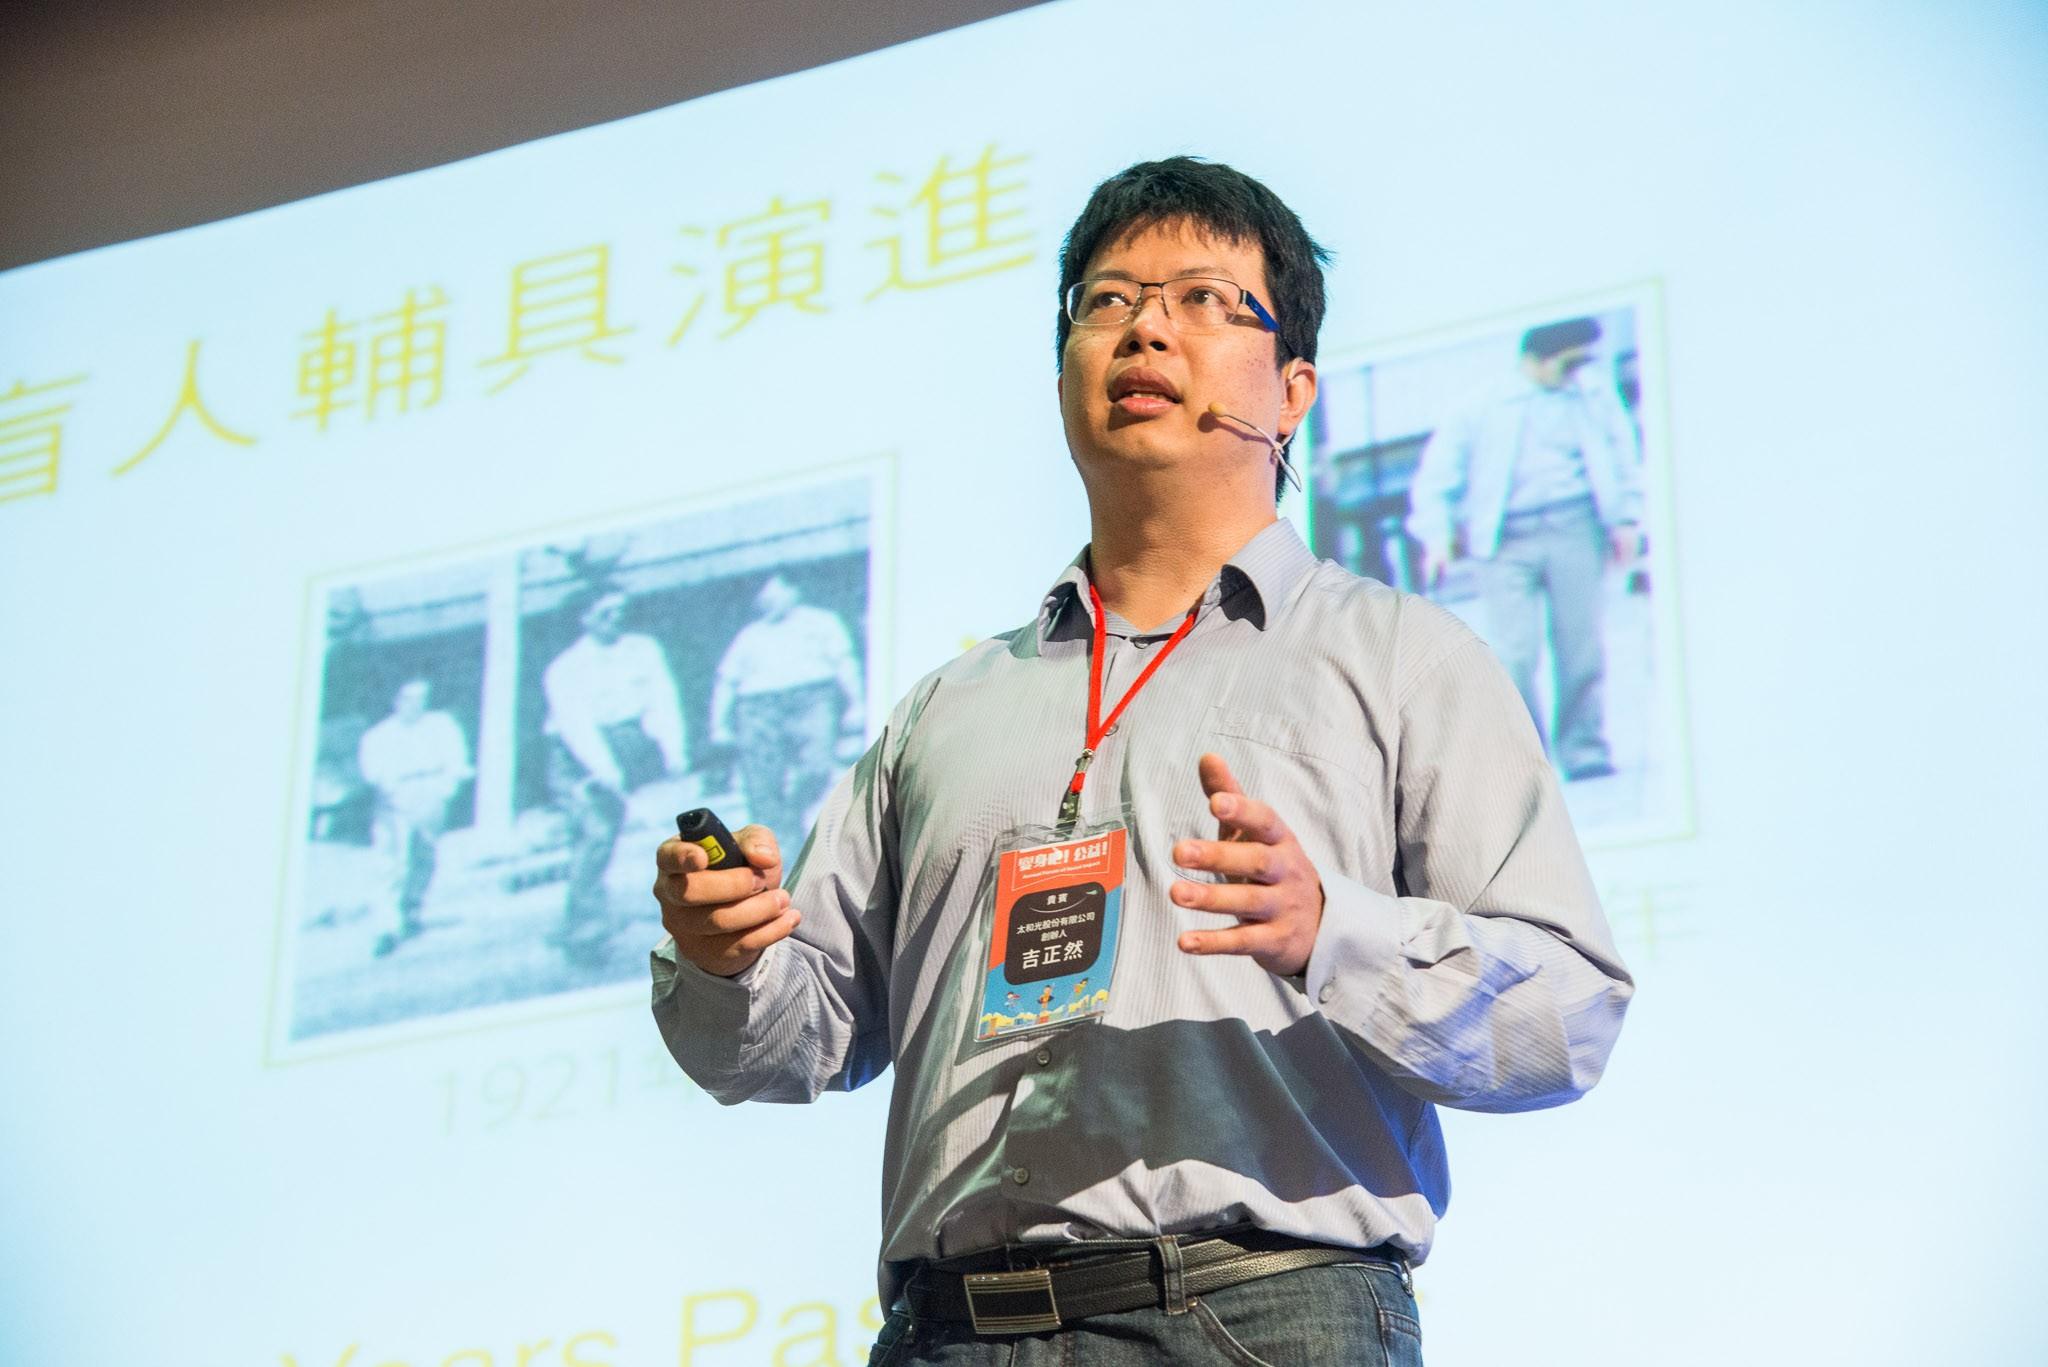 「微光計畫」推動者吉正然於2015「變身吧!公益」年會分享他對盲人科技的研發堅持。(攝影:MISC. 科學與人文記錄)